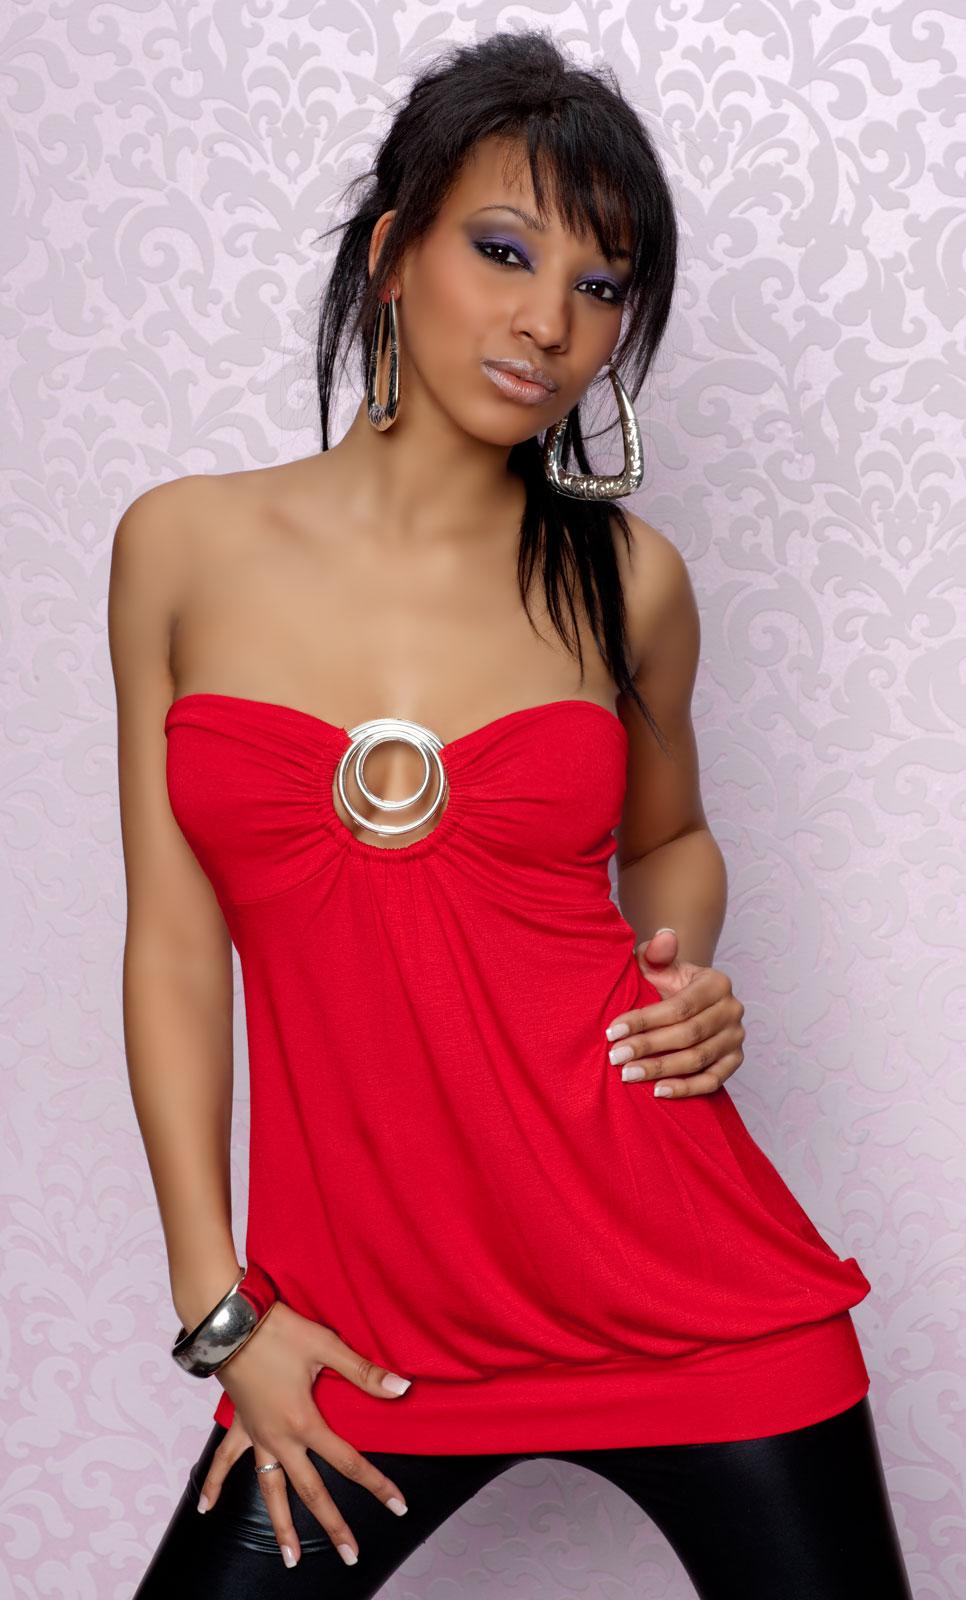 blusas rojas para fiesta blusa roja elegante publciado por las picture